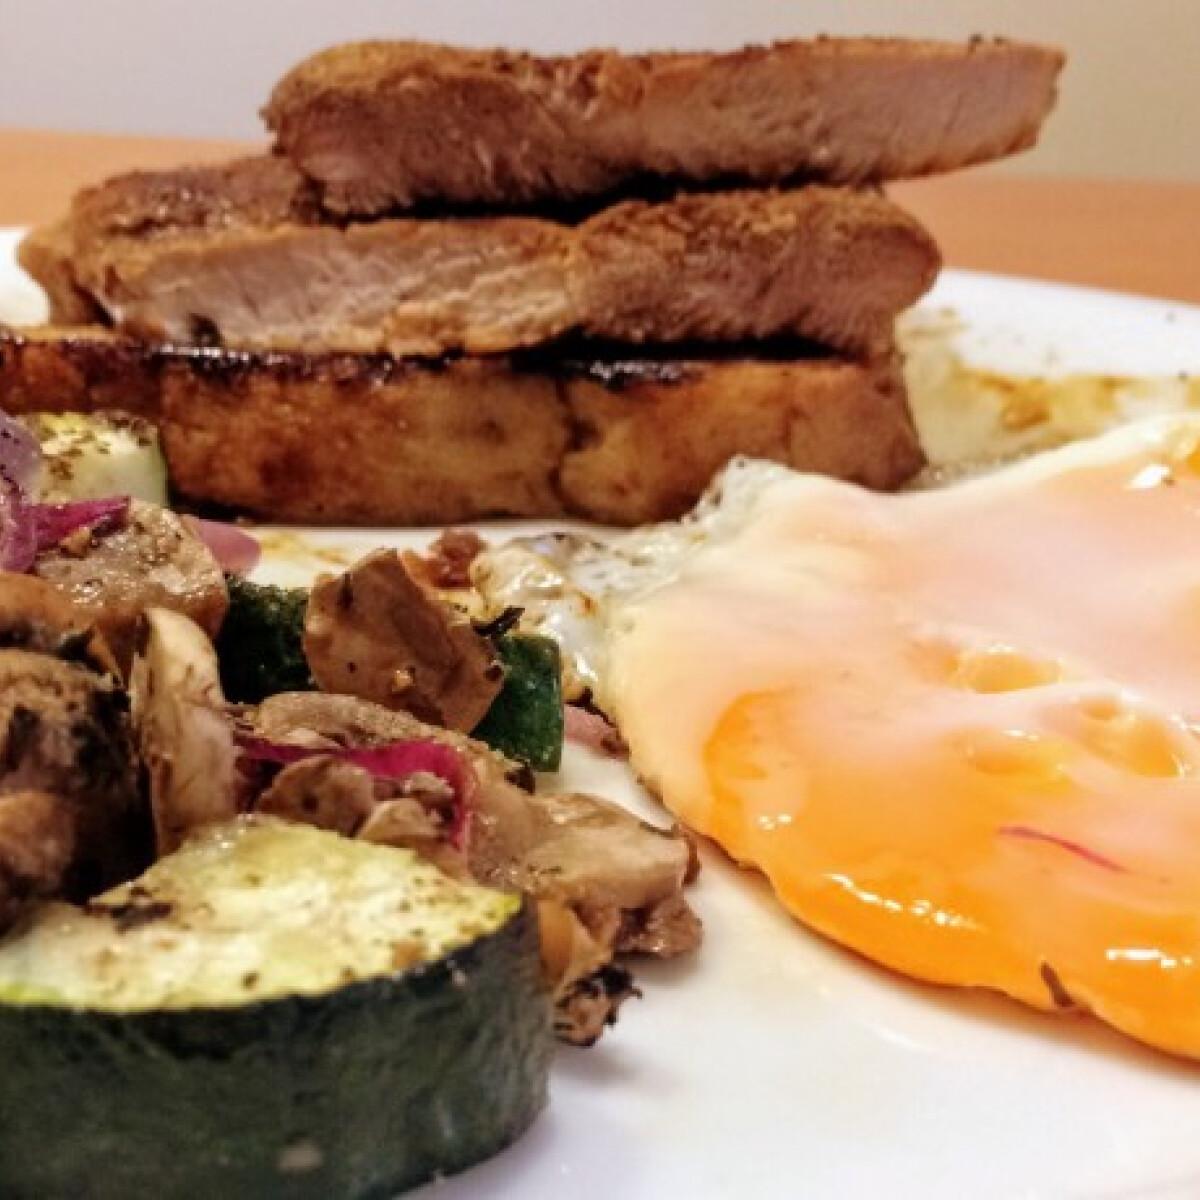 Ezen a képen: Sertéscomb tükörtojással és grill zöldségekkel